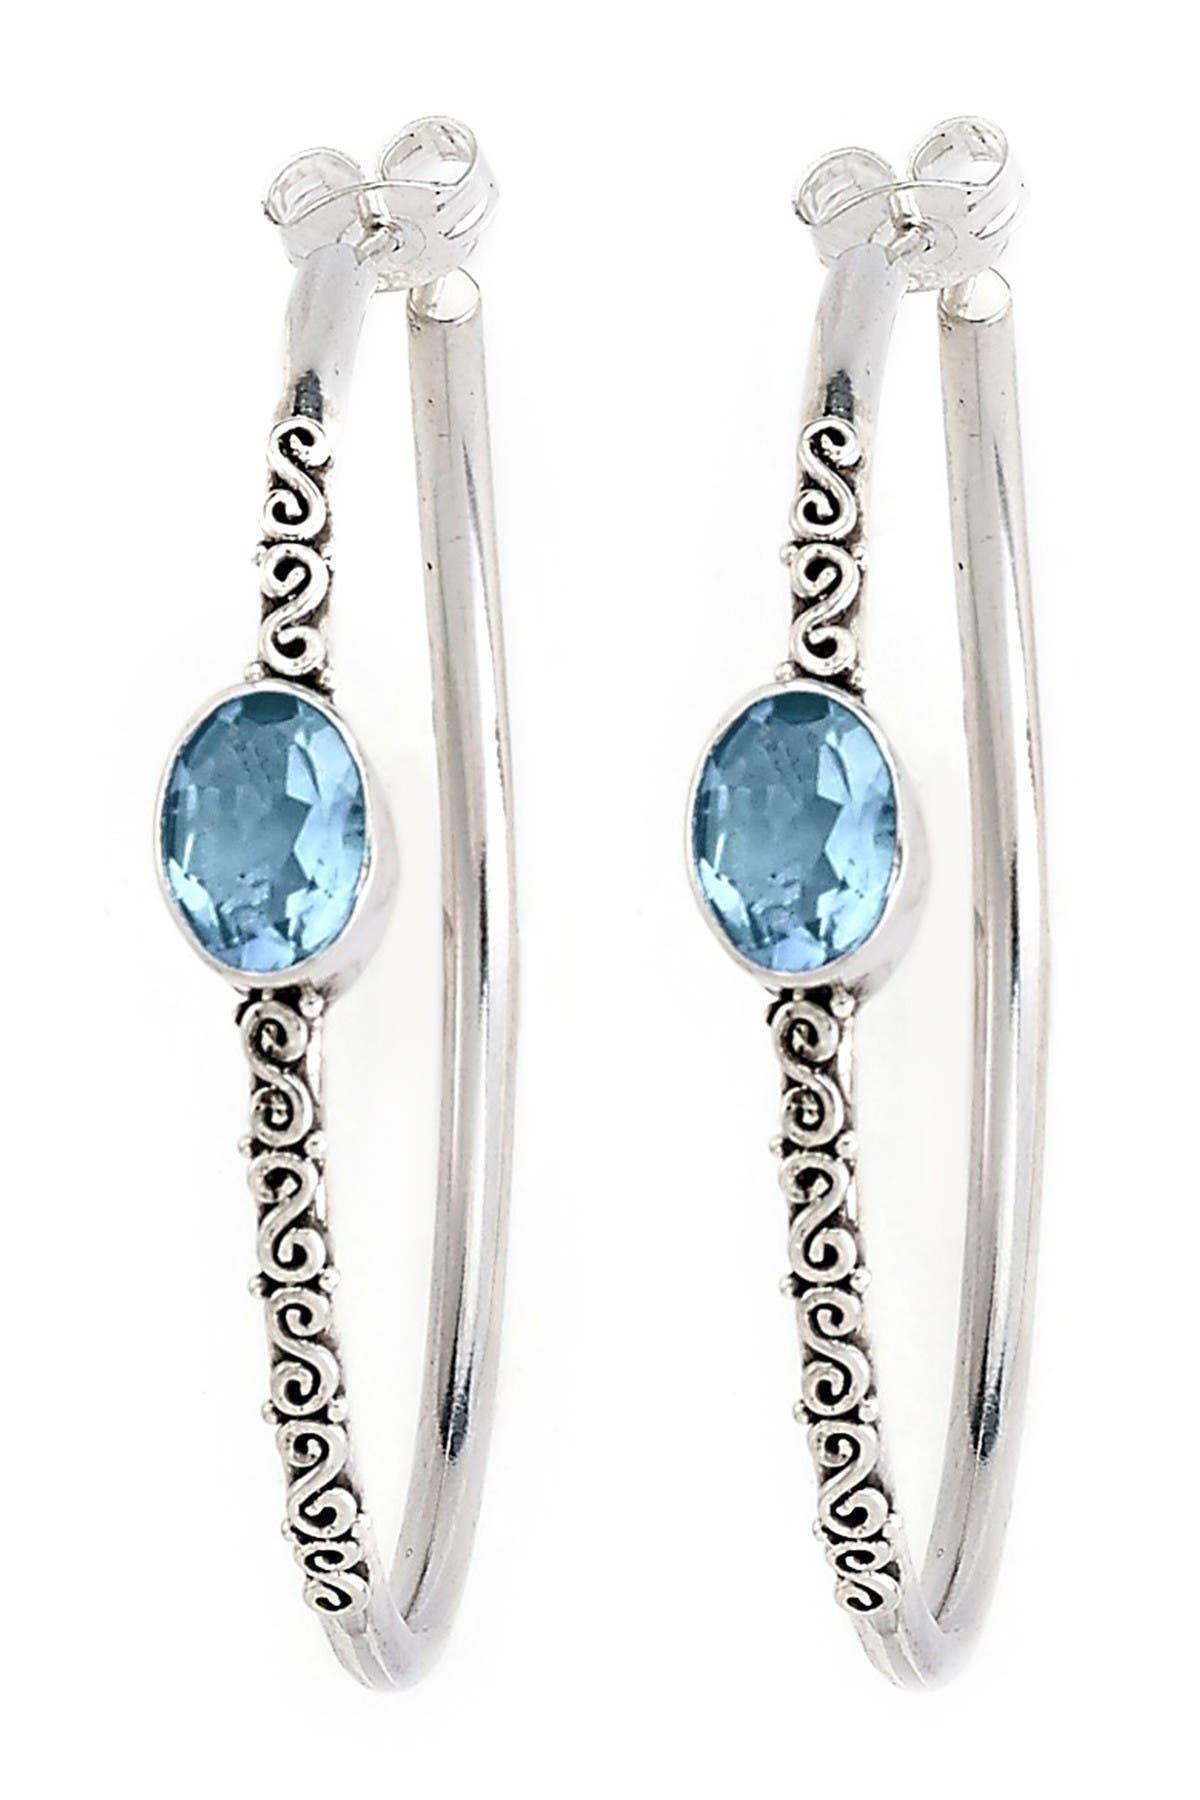 Blue Topaz Oval Bezel Set Sterling Silver Earrings